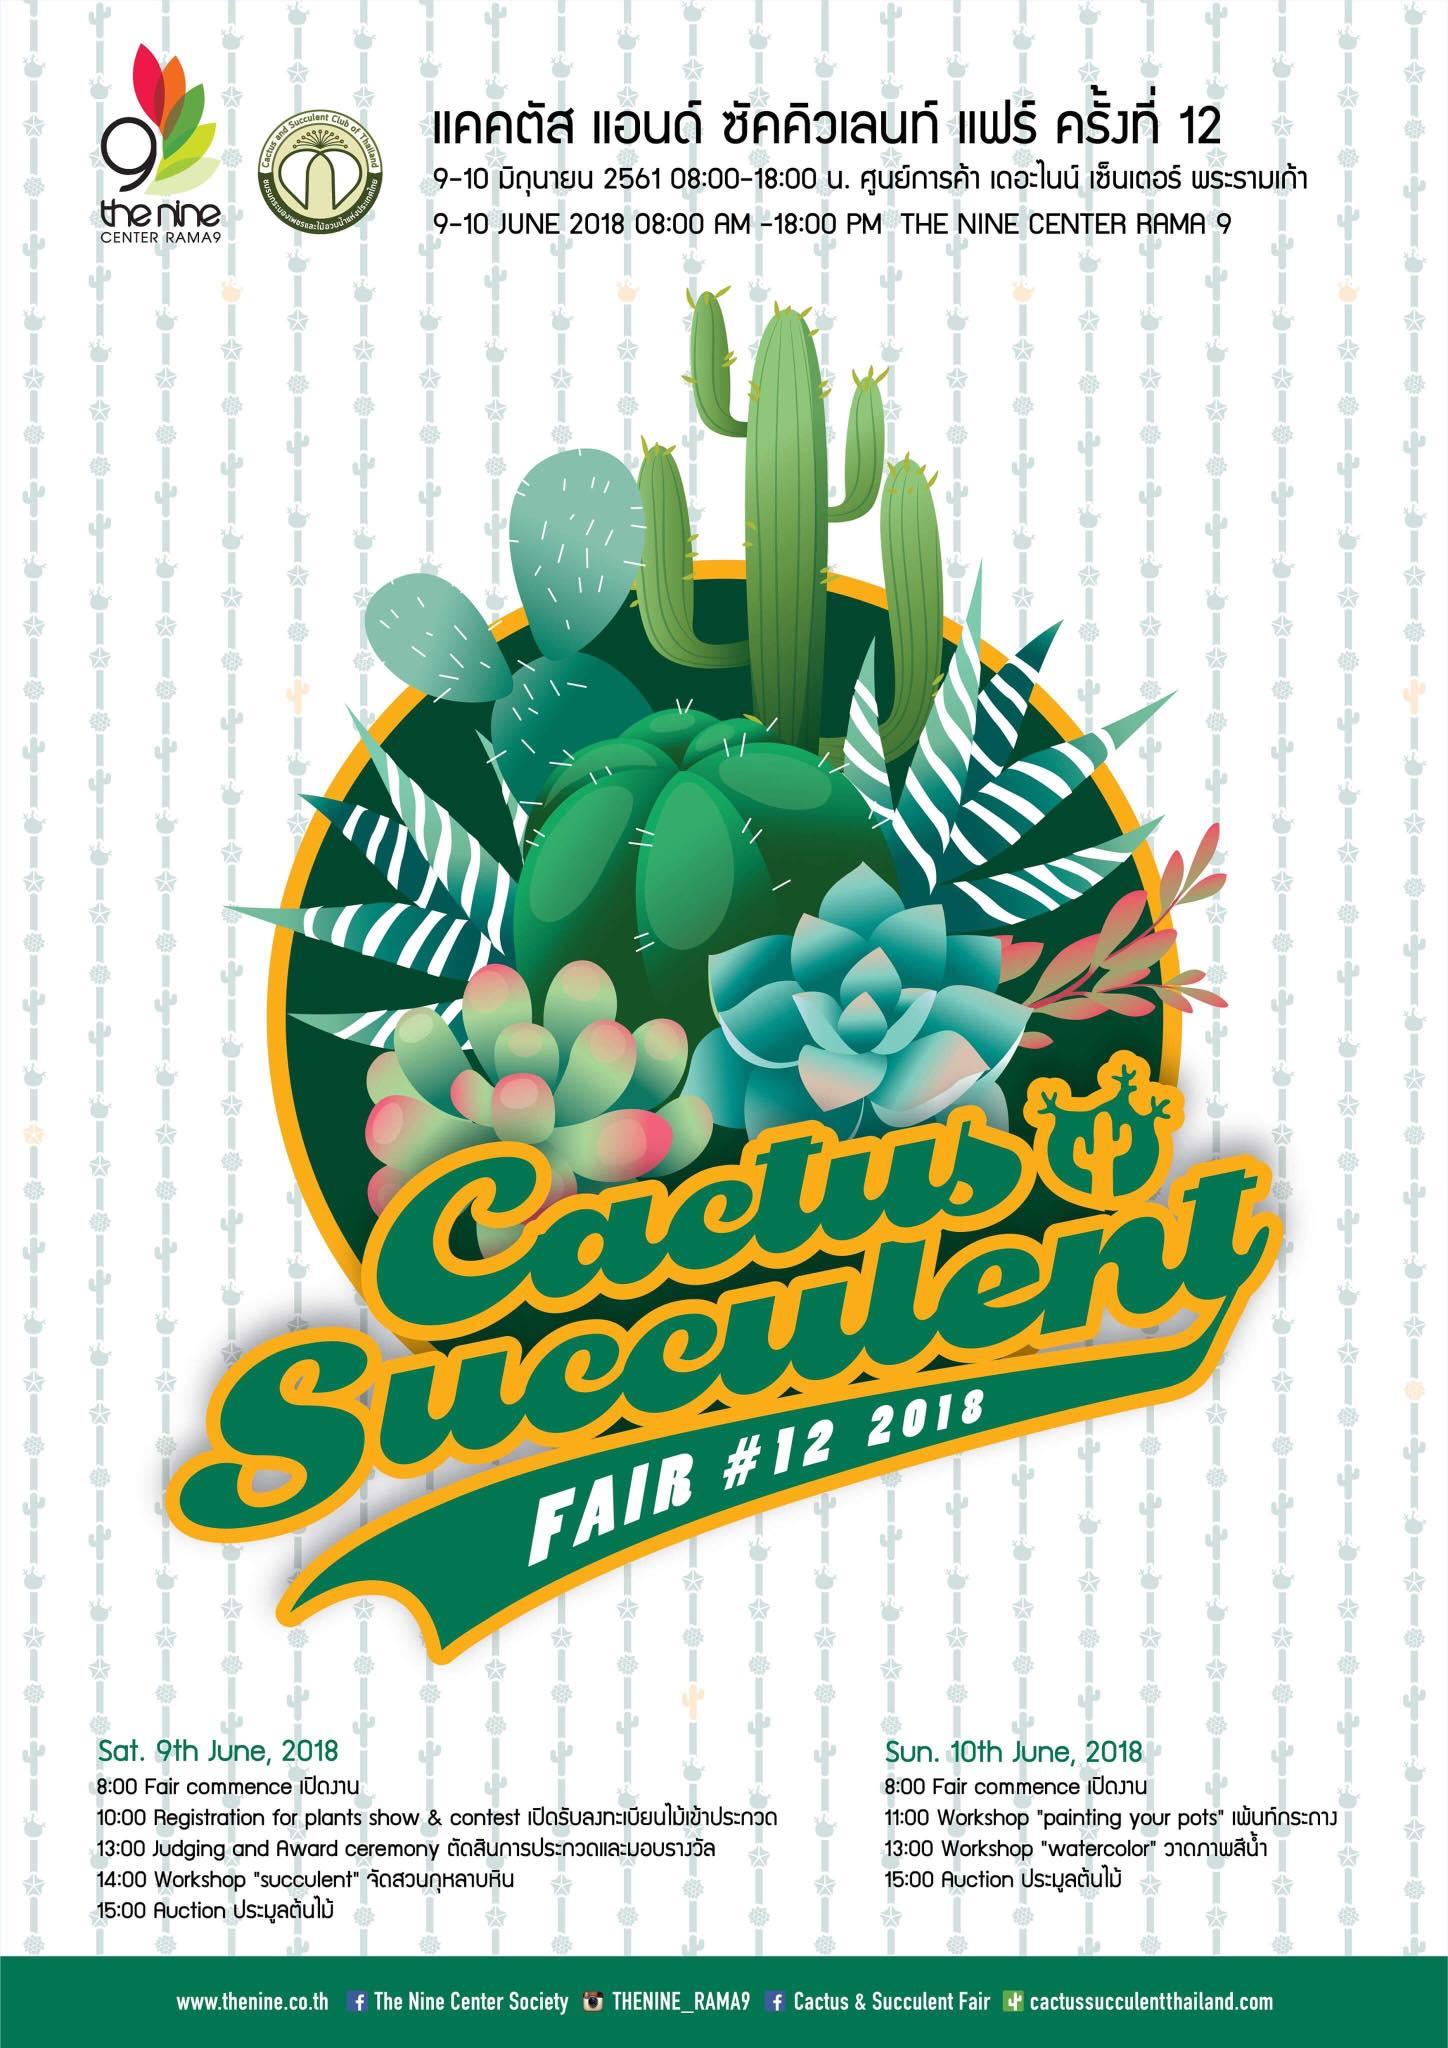 Cactus & Succulent Fair ครั้งที่ 12 เดอะไนน์ เซ็นเตอร์ พระราม 9